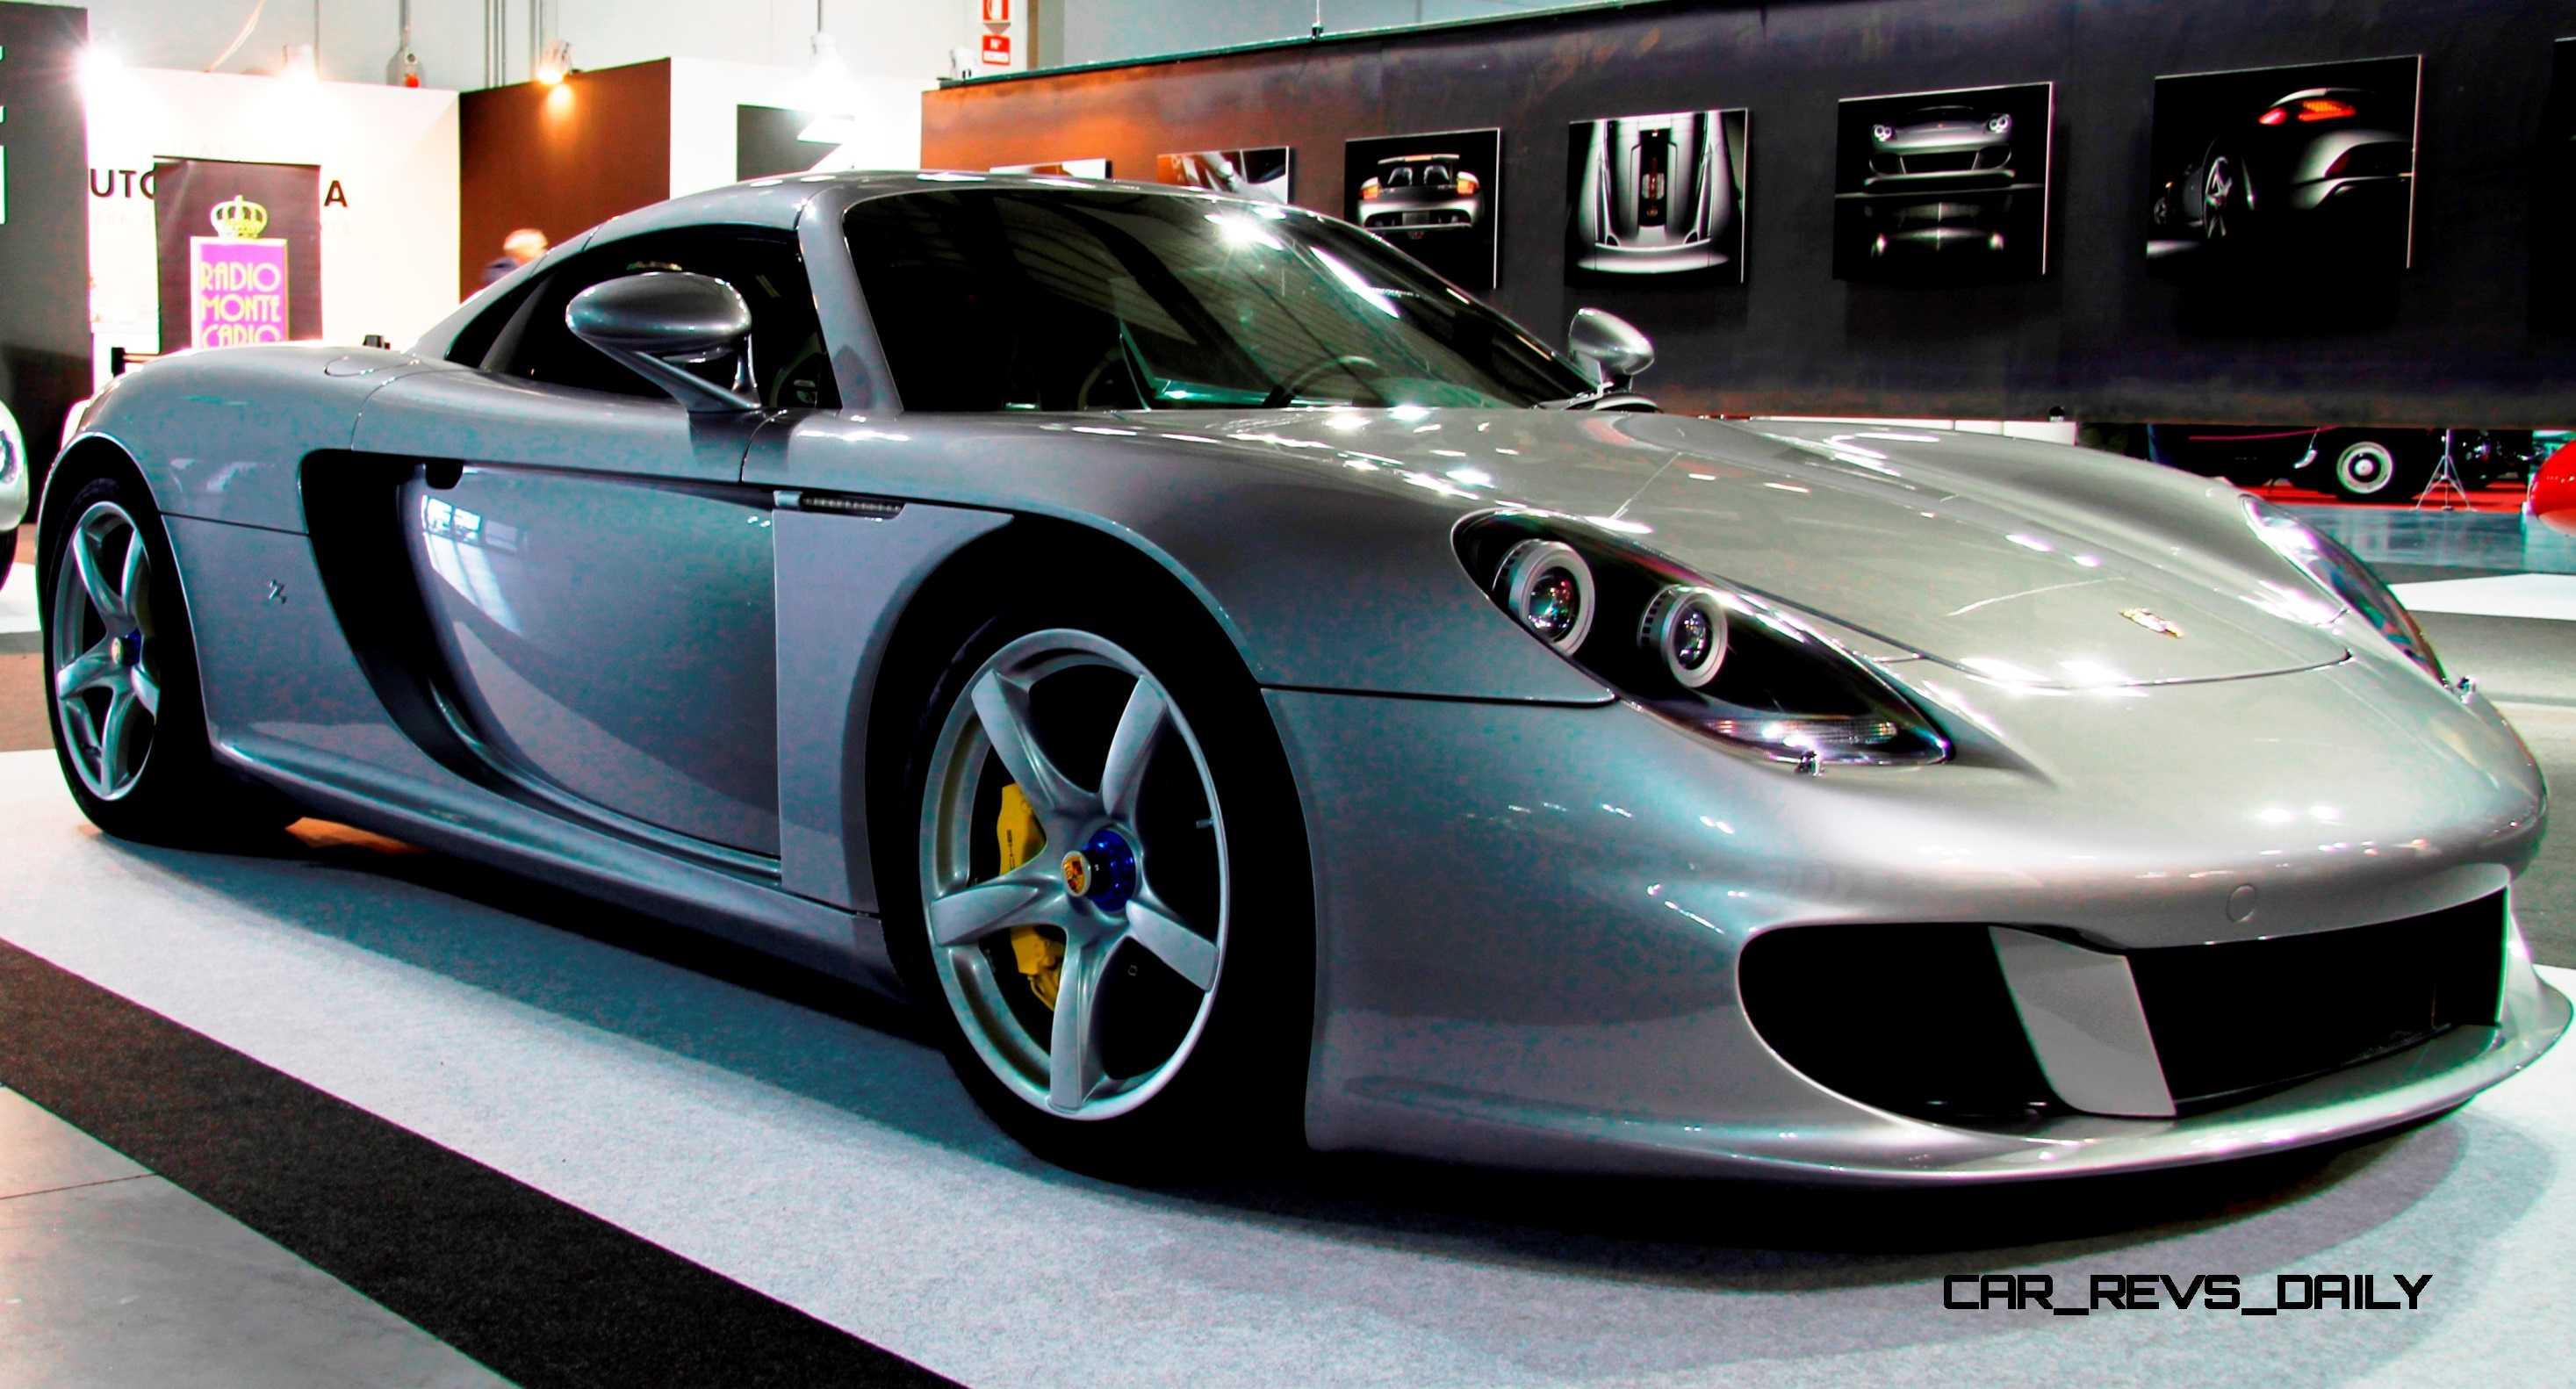 Porsche Carrera Gtz By Zagato